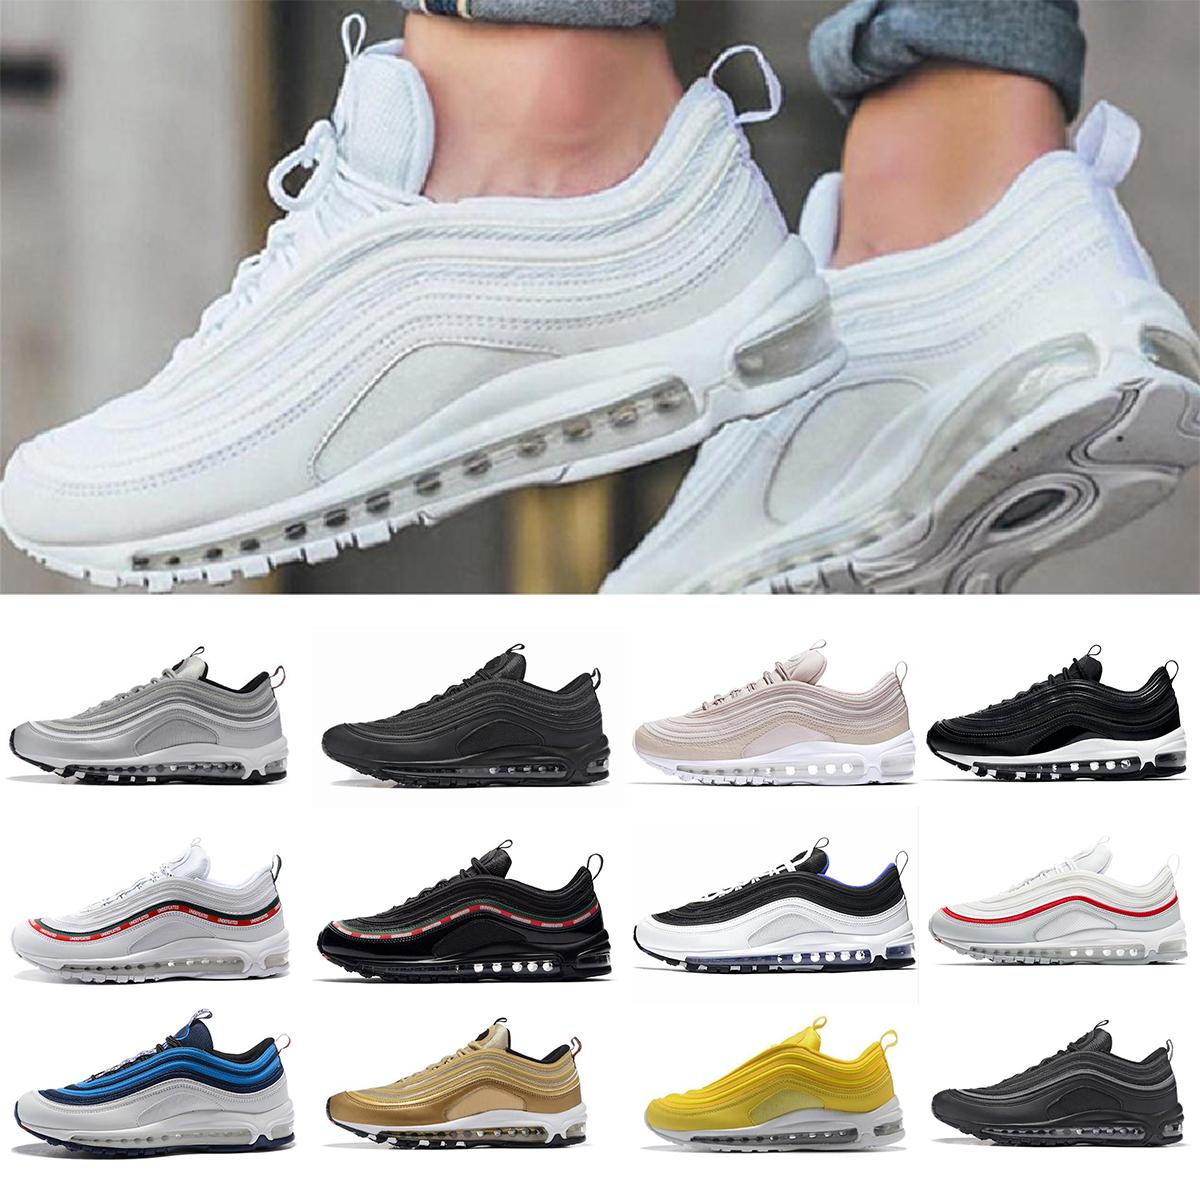 Nike air max 97 airmax 97 Venta caliente Nuevos Hombres corriendo Zapato  Cojín 97 KPU Plástico Zapatos de entrenamiento Barato Al Por Mayor de ...